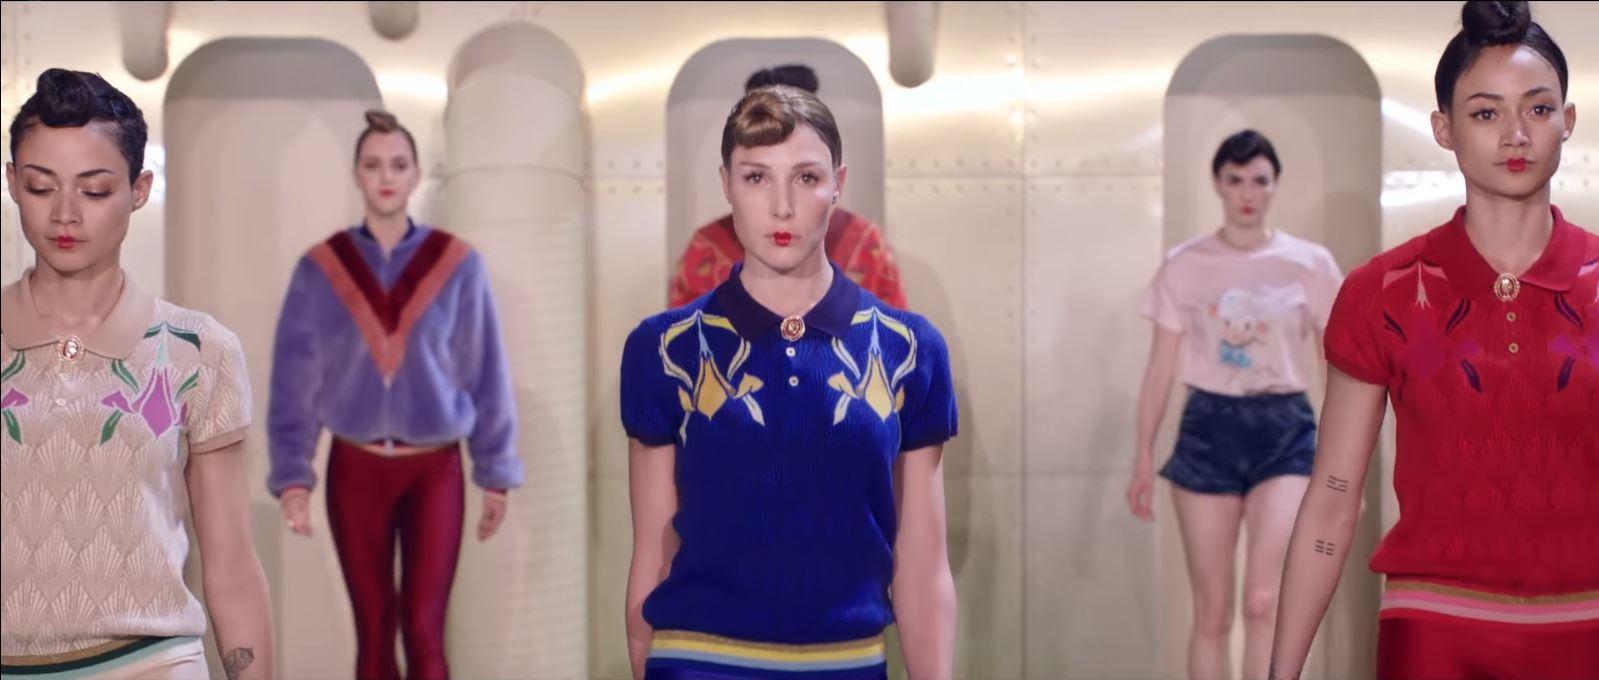 Mosaert, la marca audiovisual y de ropa del belga Stromae